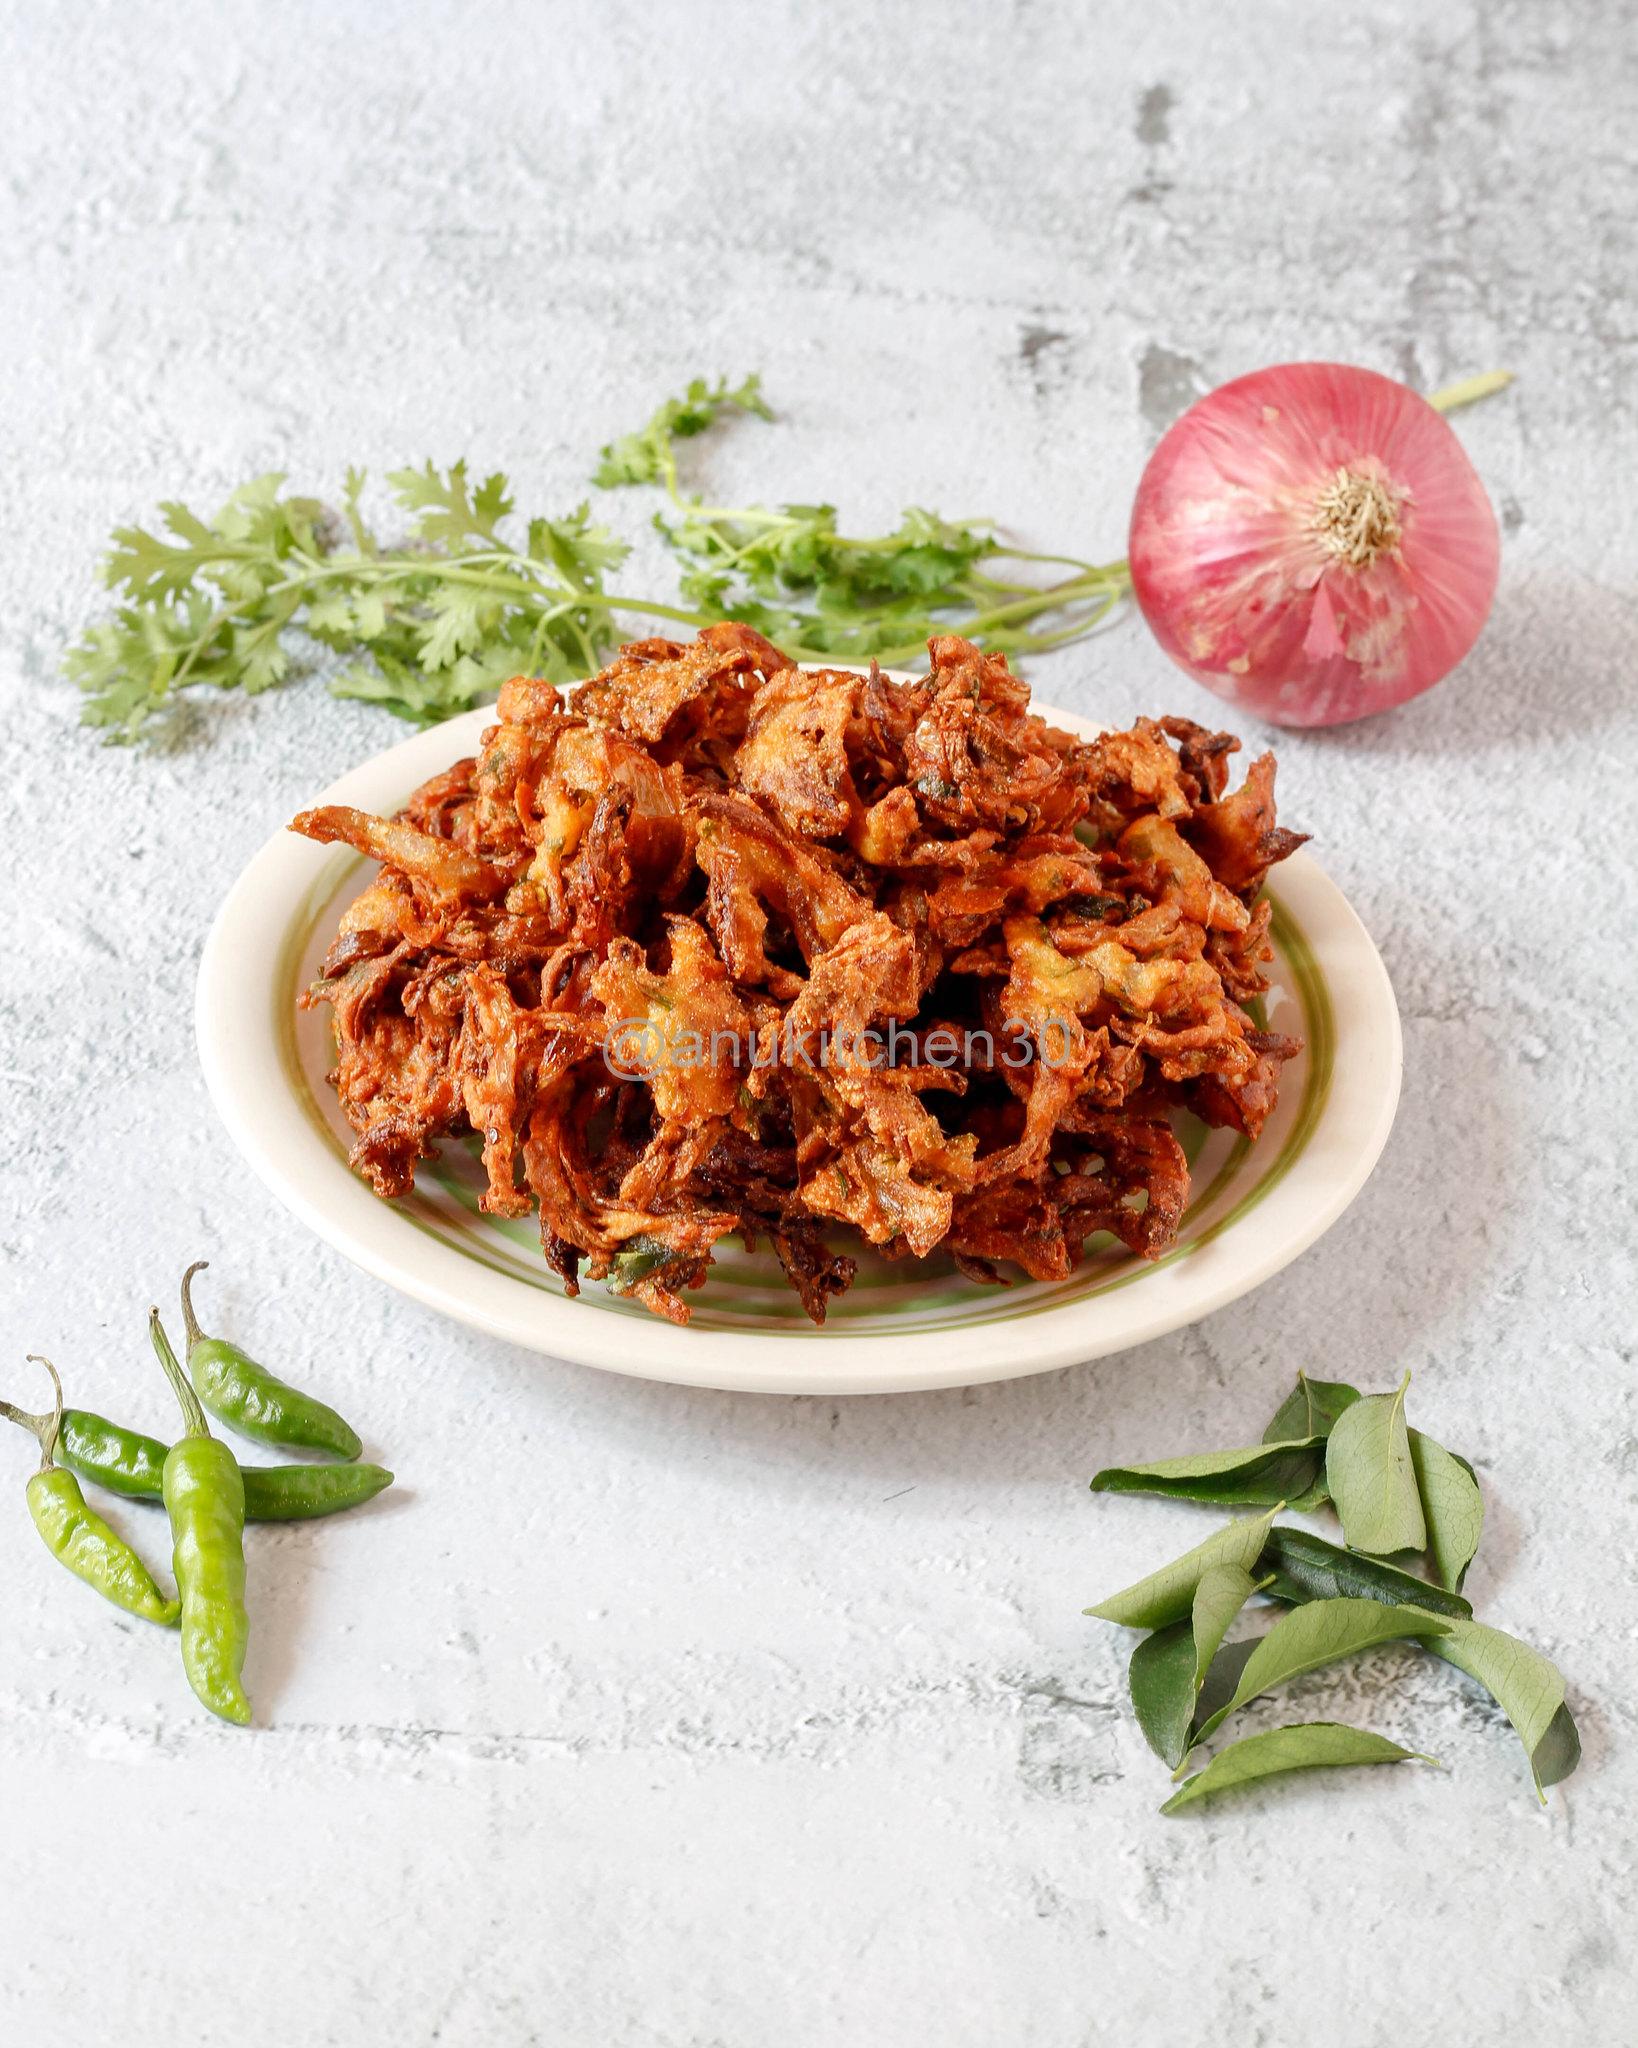 ಈರುಳ್ಳಿ ಪಕೋಡ | Onion Pakoda